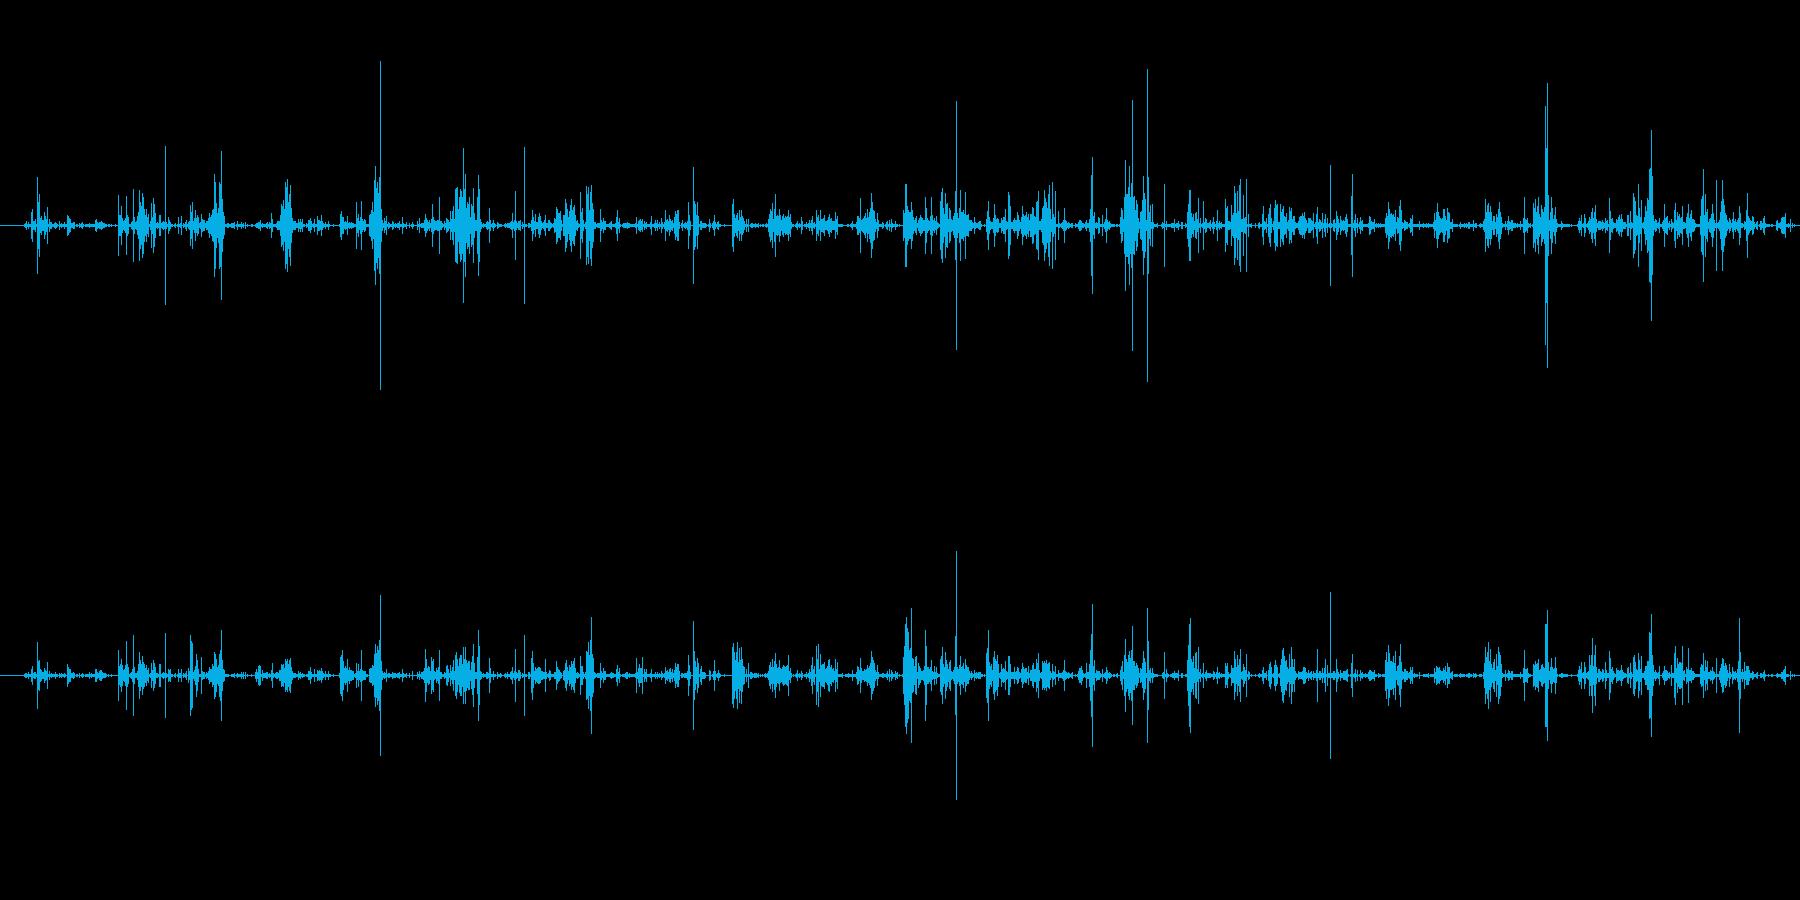 フットステプス、グレイヴル、スロー...の再生済みの波形